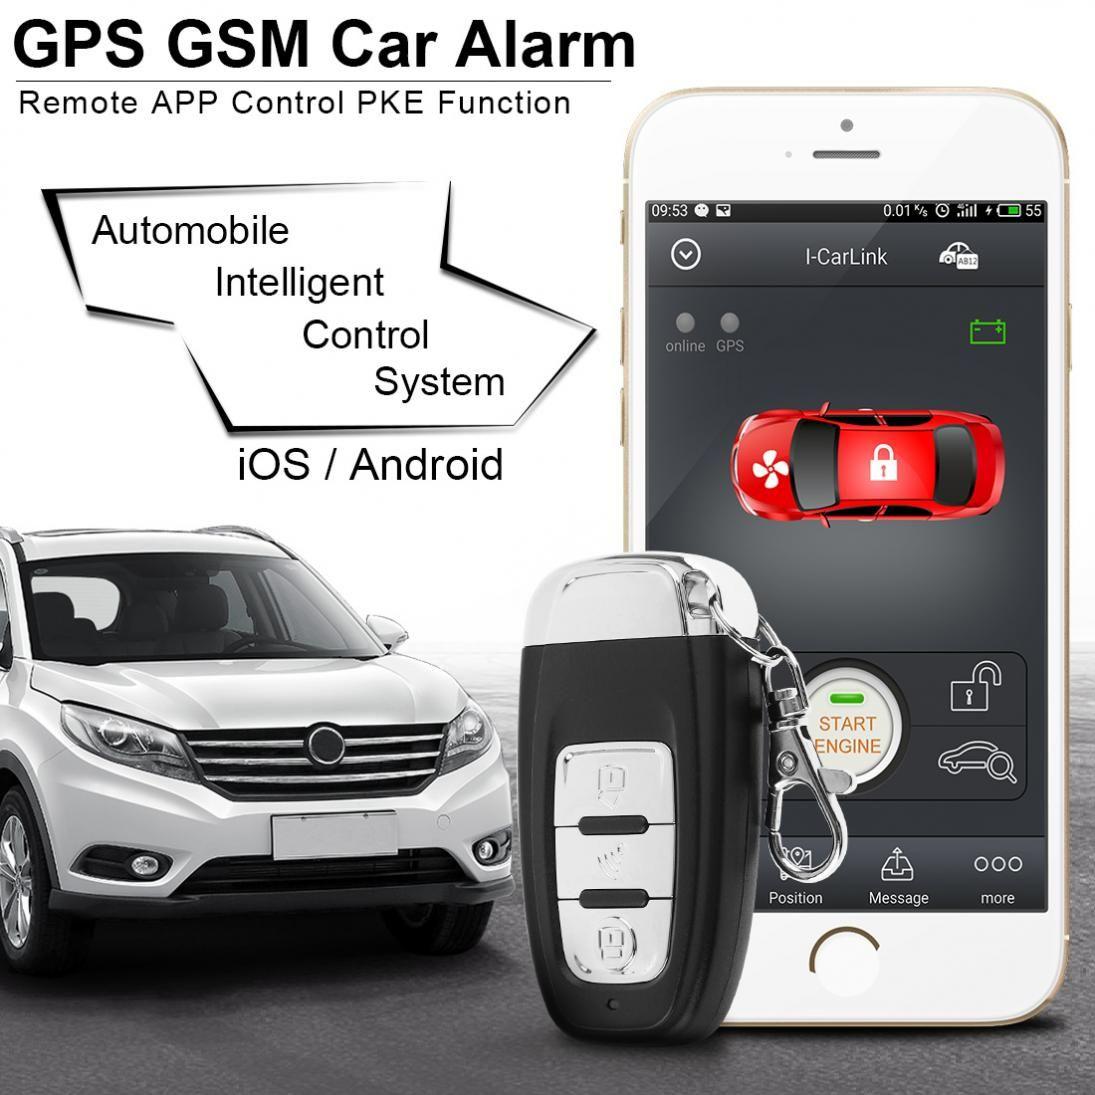 PKE Smartphone Starten Auto Smart Alarm Remote Beginn Start Stop Motor System mit Auto Zentralen Schloss und Vibration Alarm